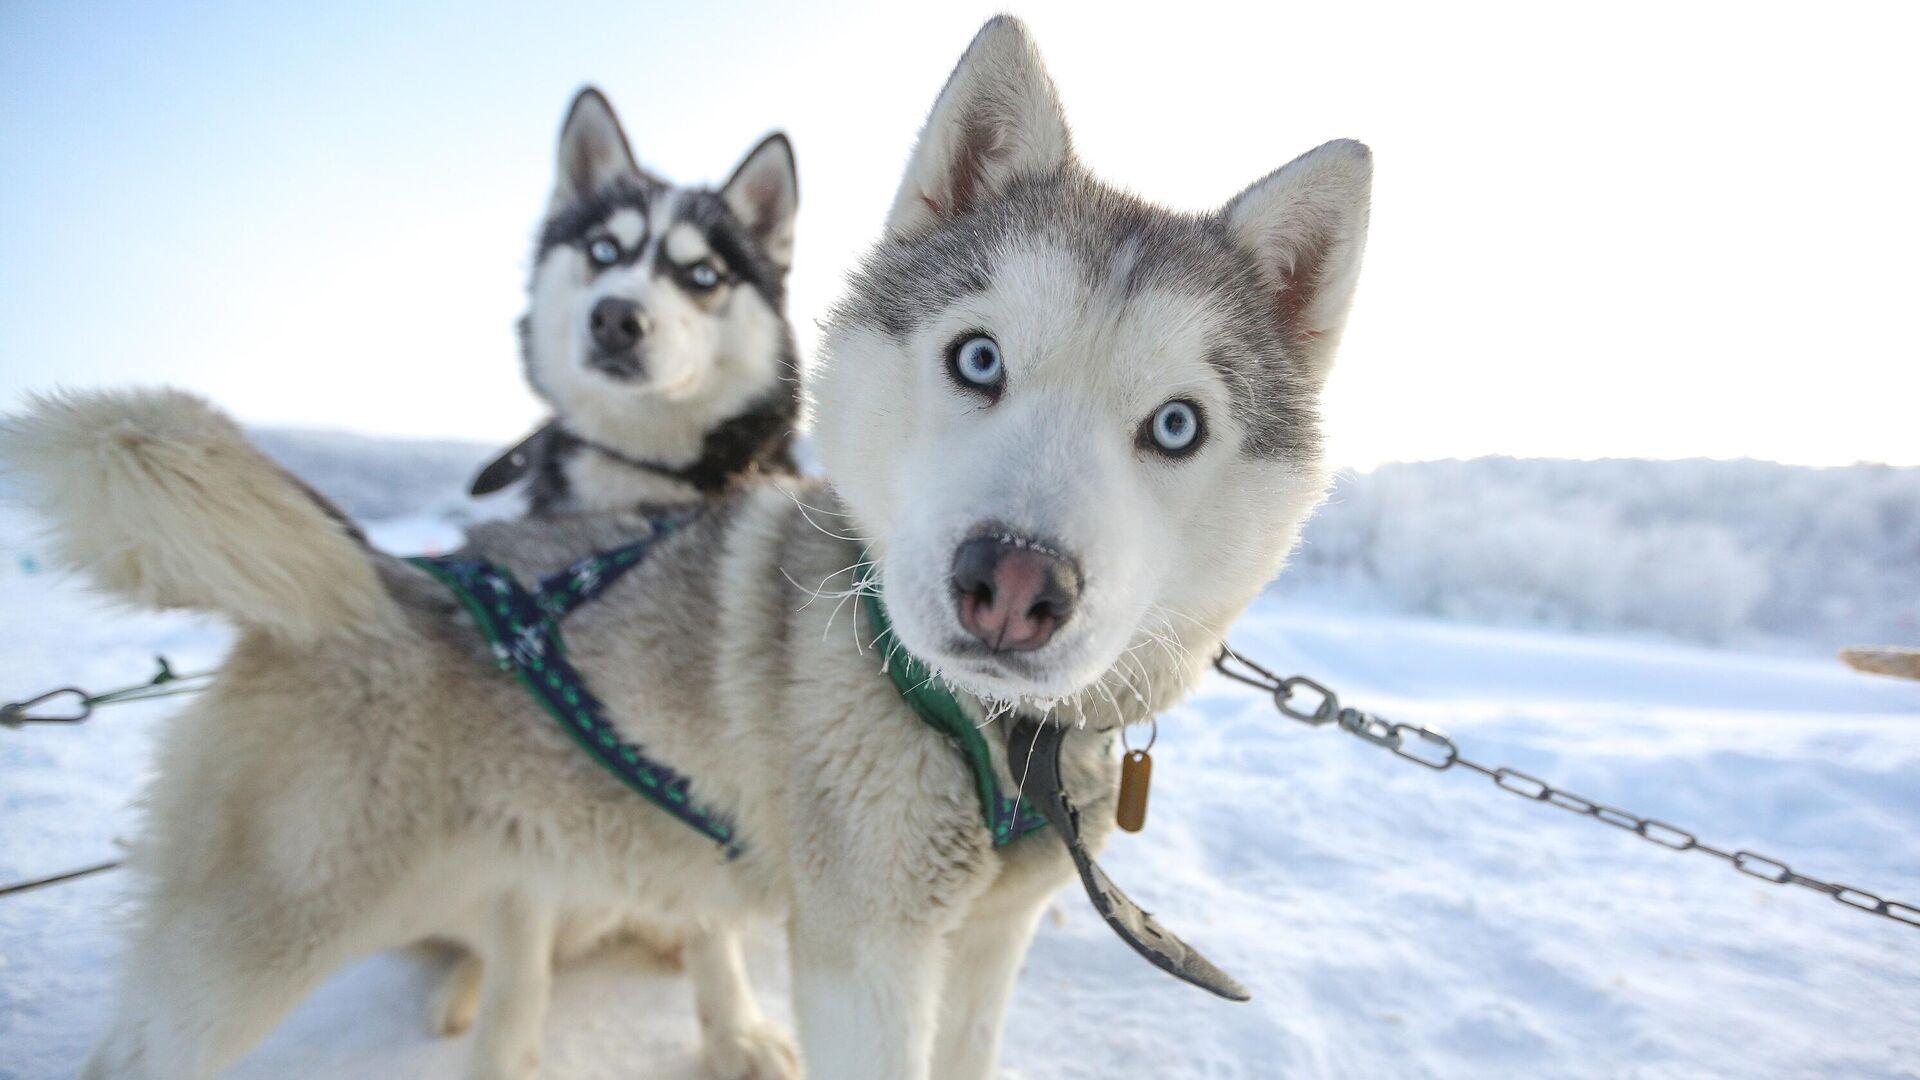 Ездовые собаки породы сибирский хаски в туристическом парке Северное сияние в Мурманской области - РИА Новости, 1920, 21.02.2021